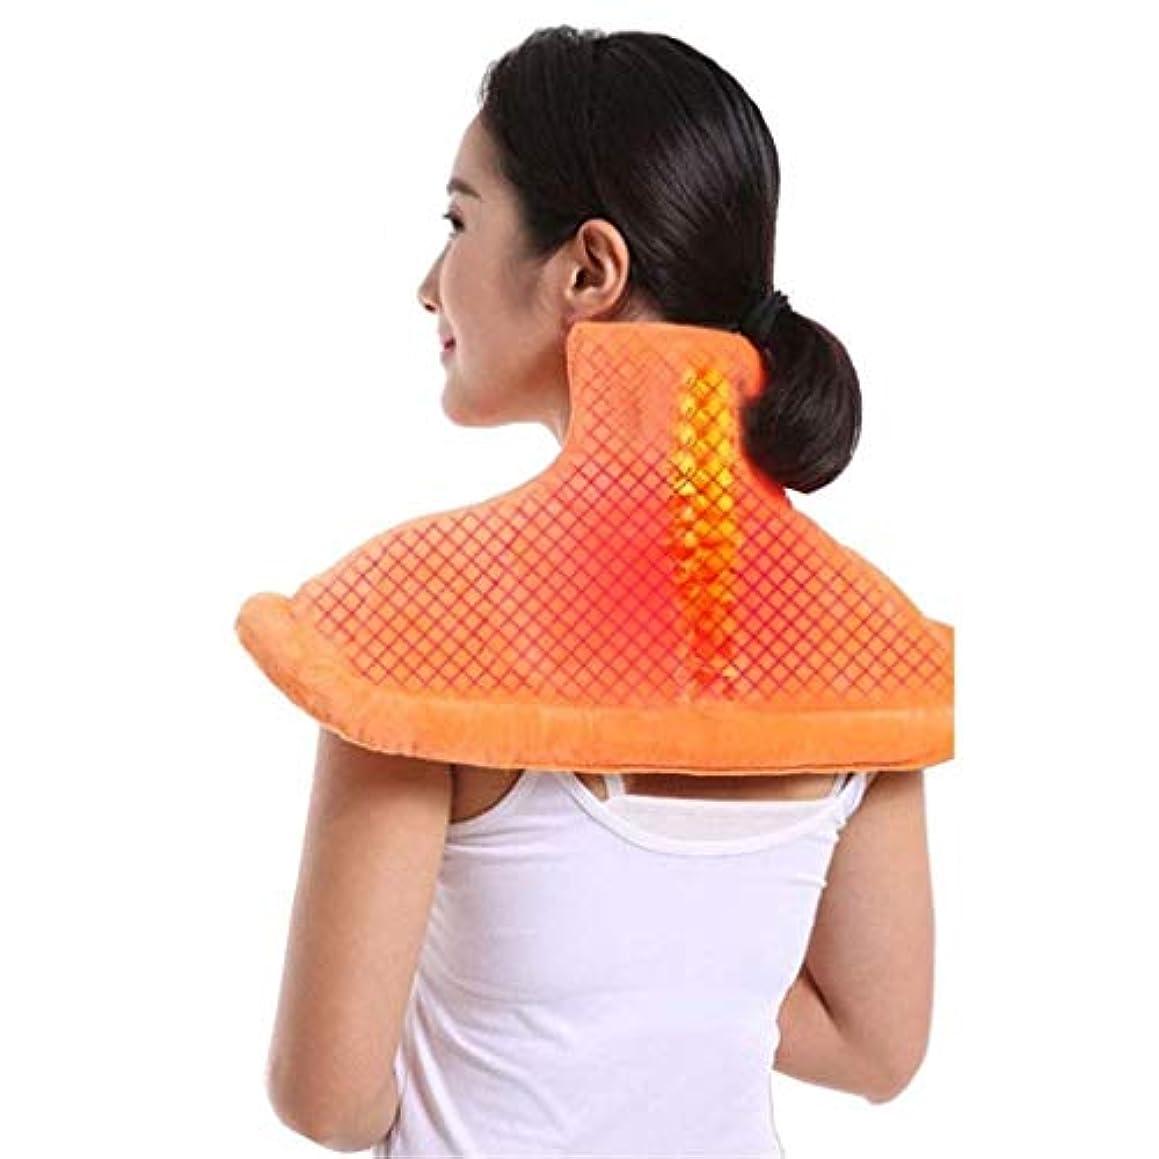 君主制取り付け生き物首のマッサージャー、電熱パッド、首と肩と背中の痛みを和らげるツール、ストレス緩和筋肉温熱療法パッド